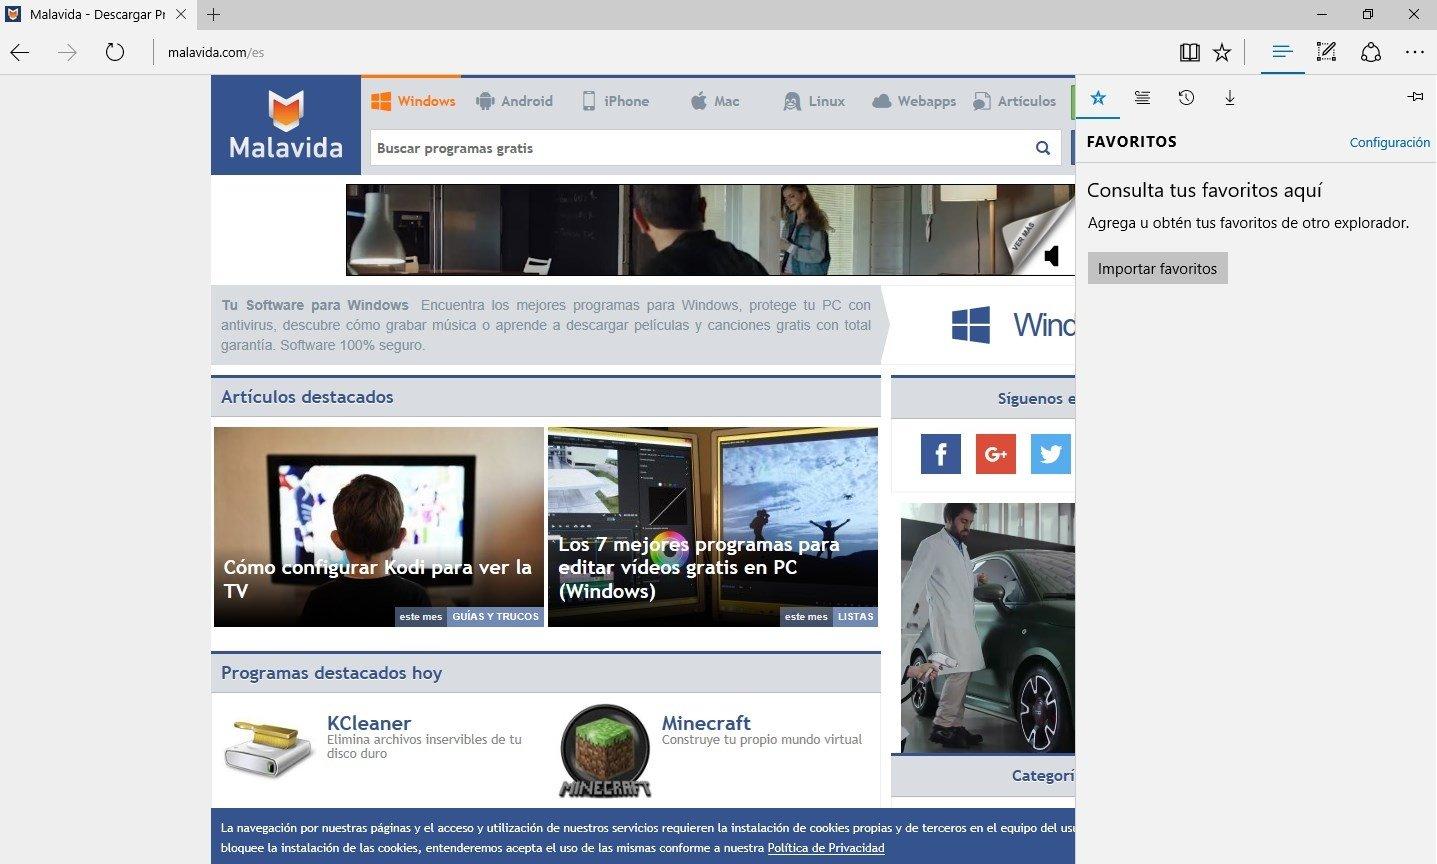 Download Microsoft Edge 41.16299.15.0 - Kostenlos auf Deutsch